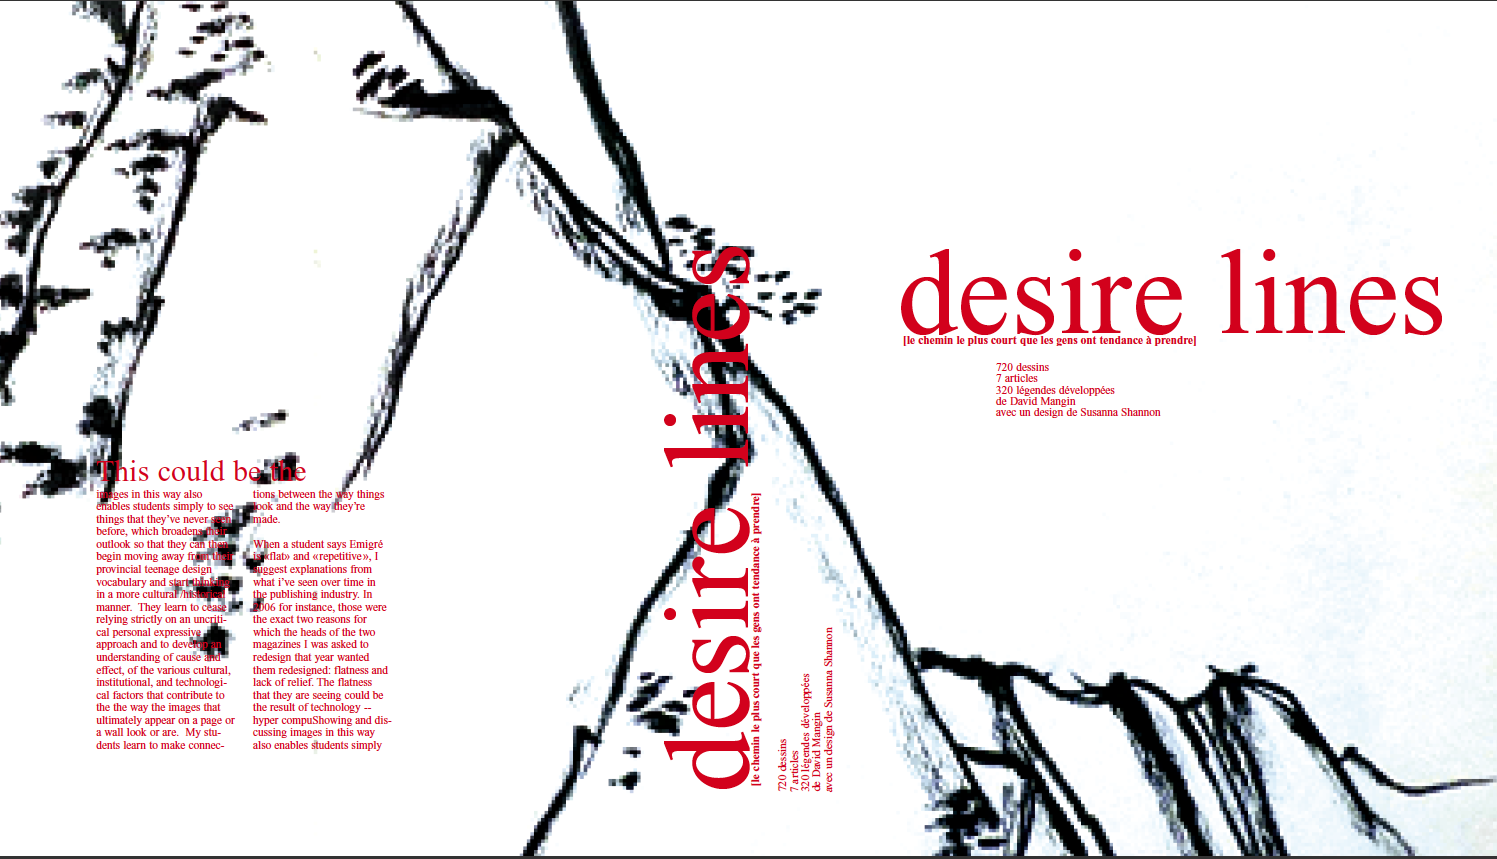 2011-09-30 21 desire lines : susanna shannon : design du livre des croquis de david mangin